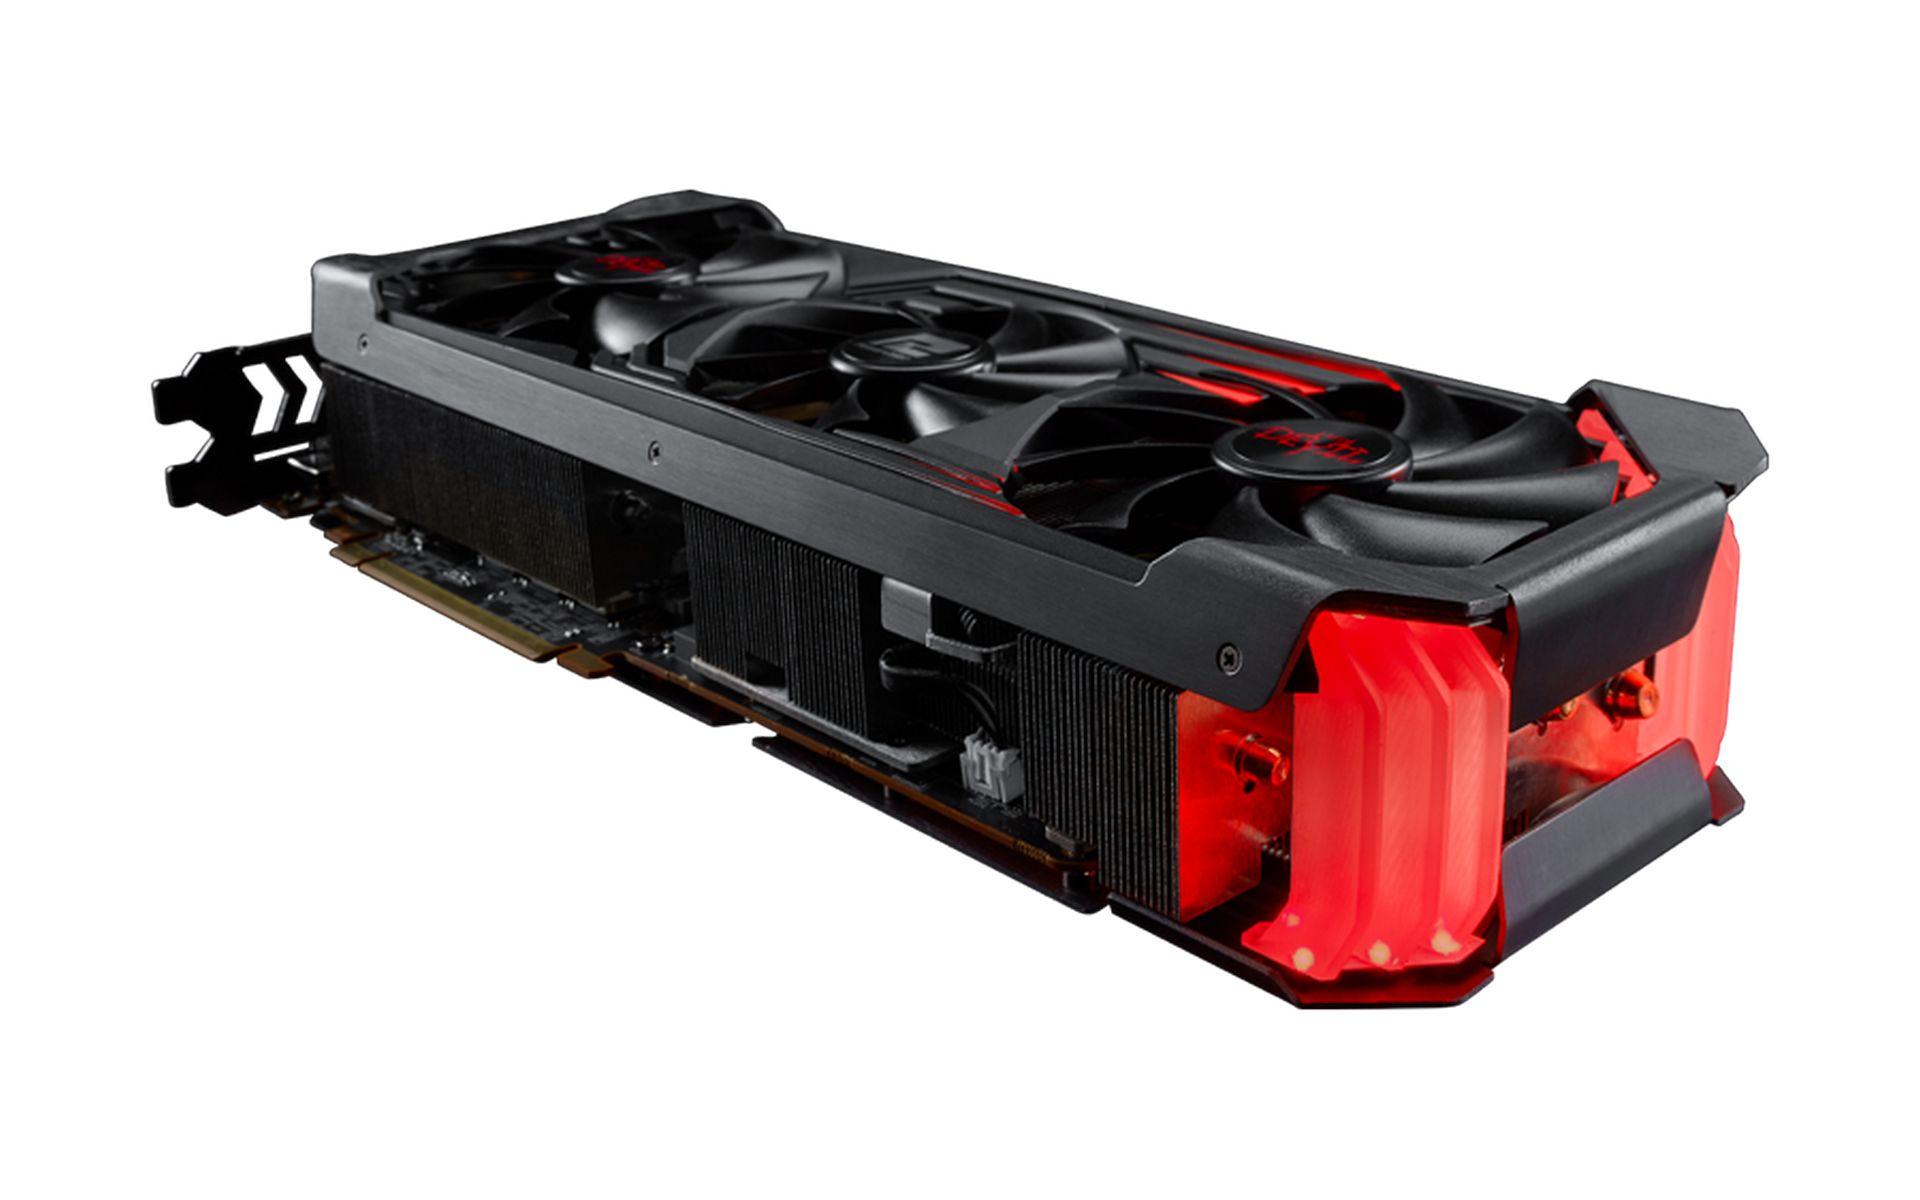 Powercolor Red Devil RX 6900 XT